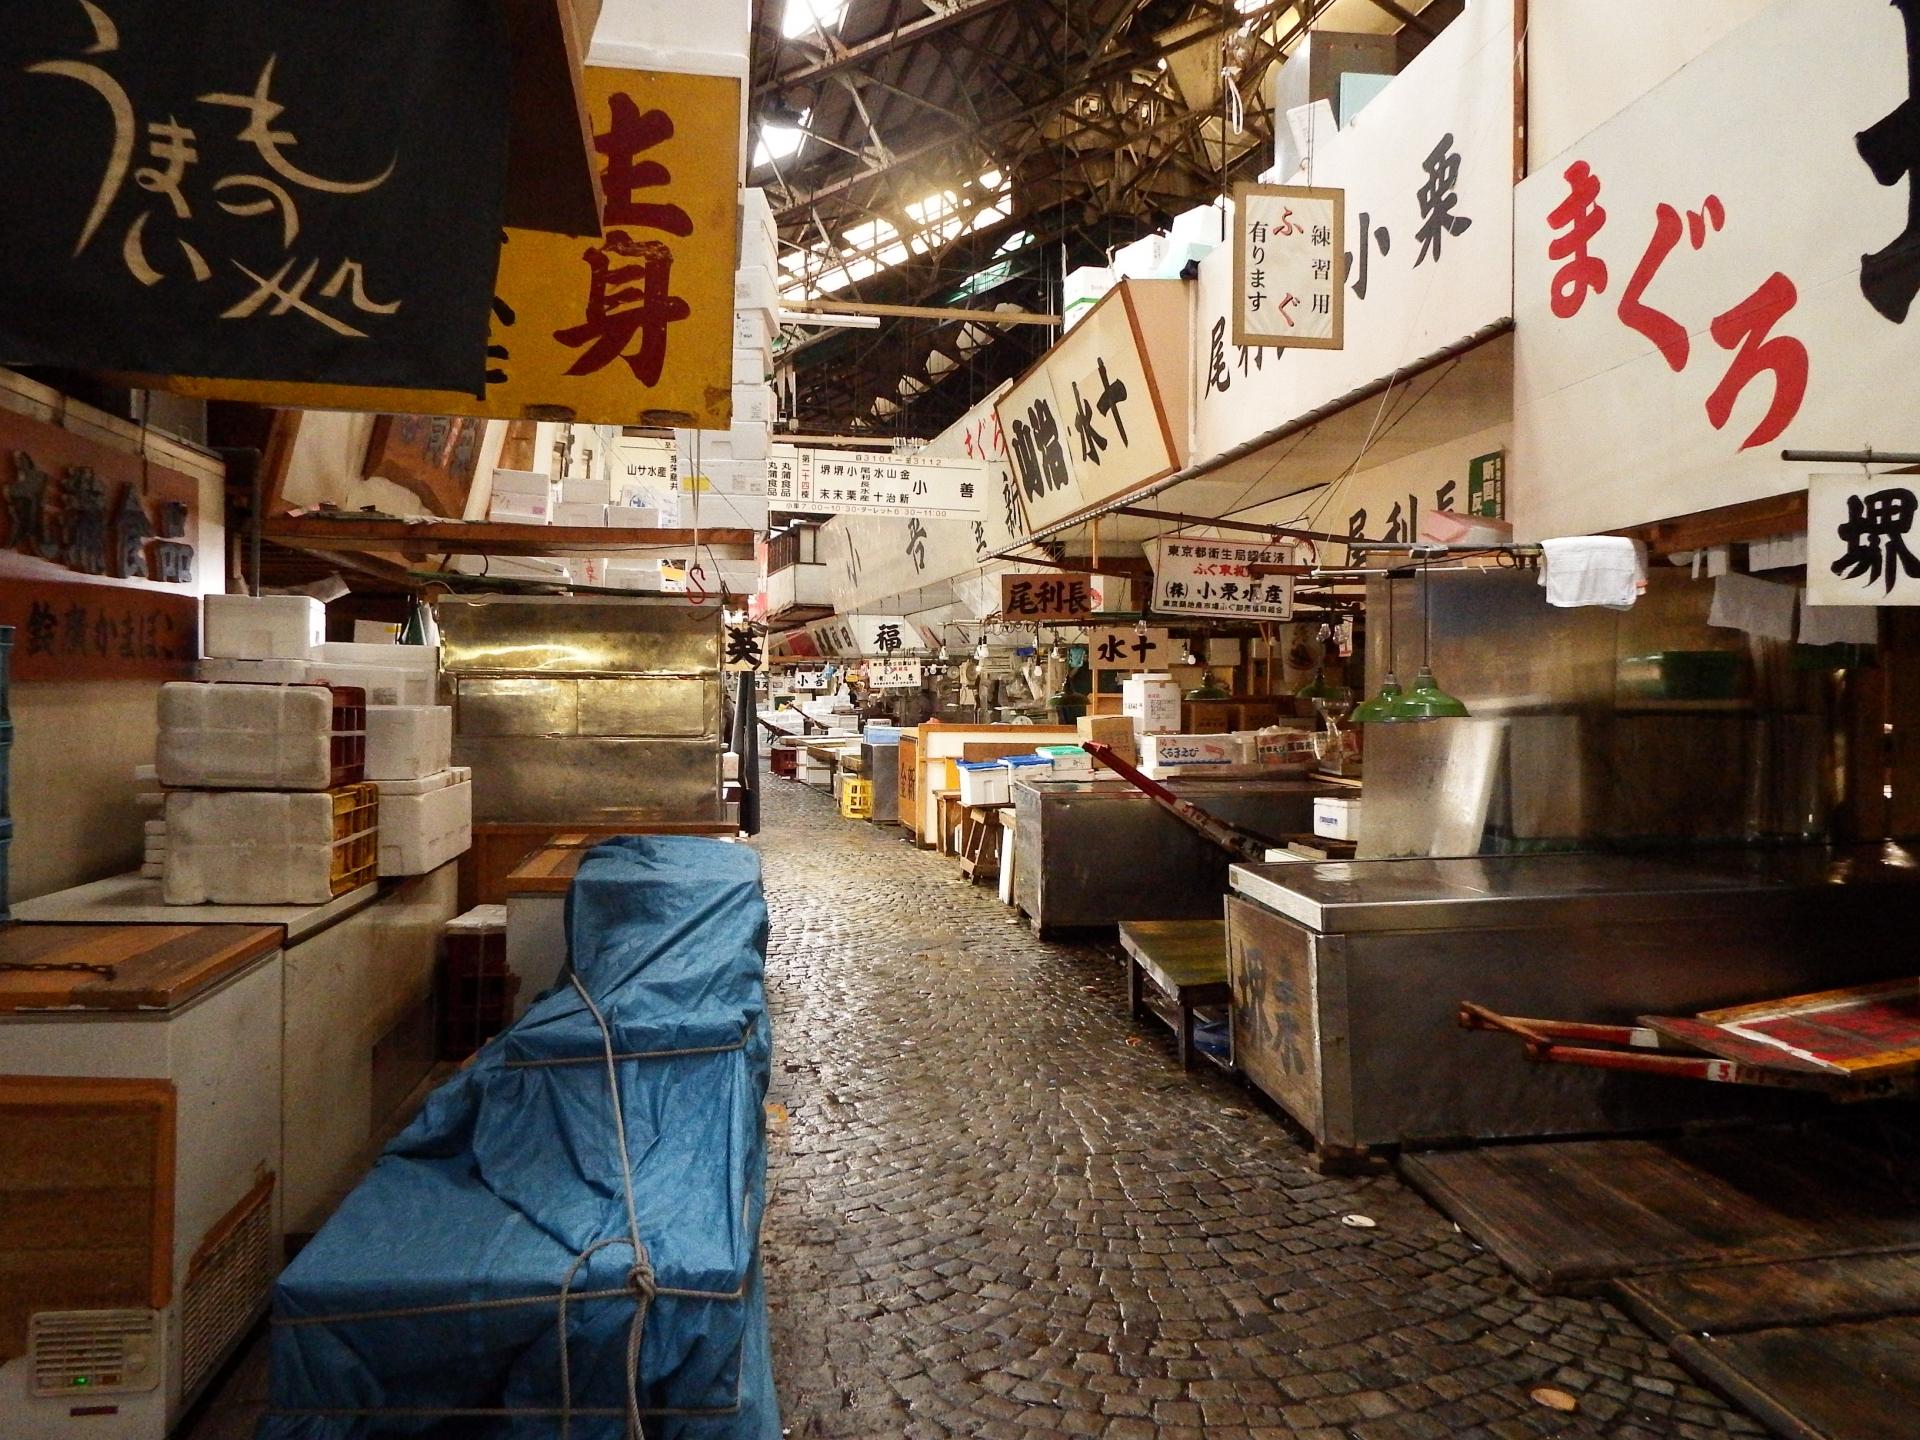 泉佐野漁港の青空市場がアツい!ランチや釣り・バーベキュー情報もあり!